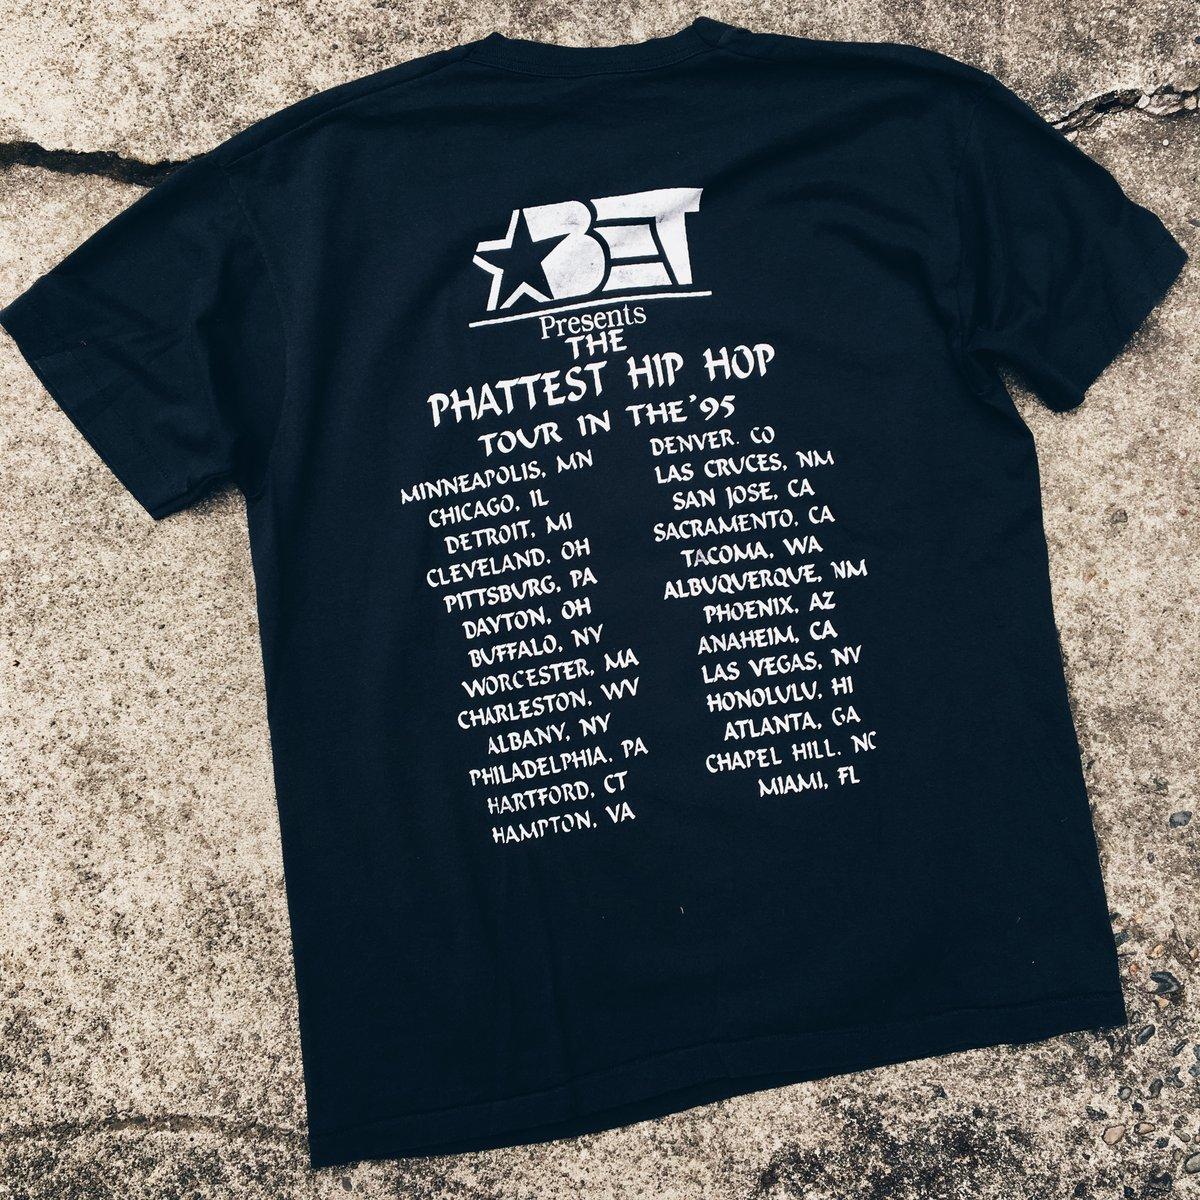 Image of Original 1995 BET Tour Rap Tee.